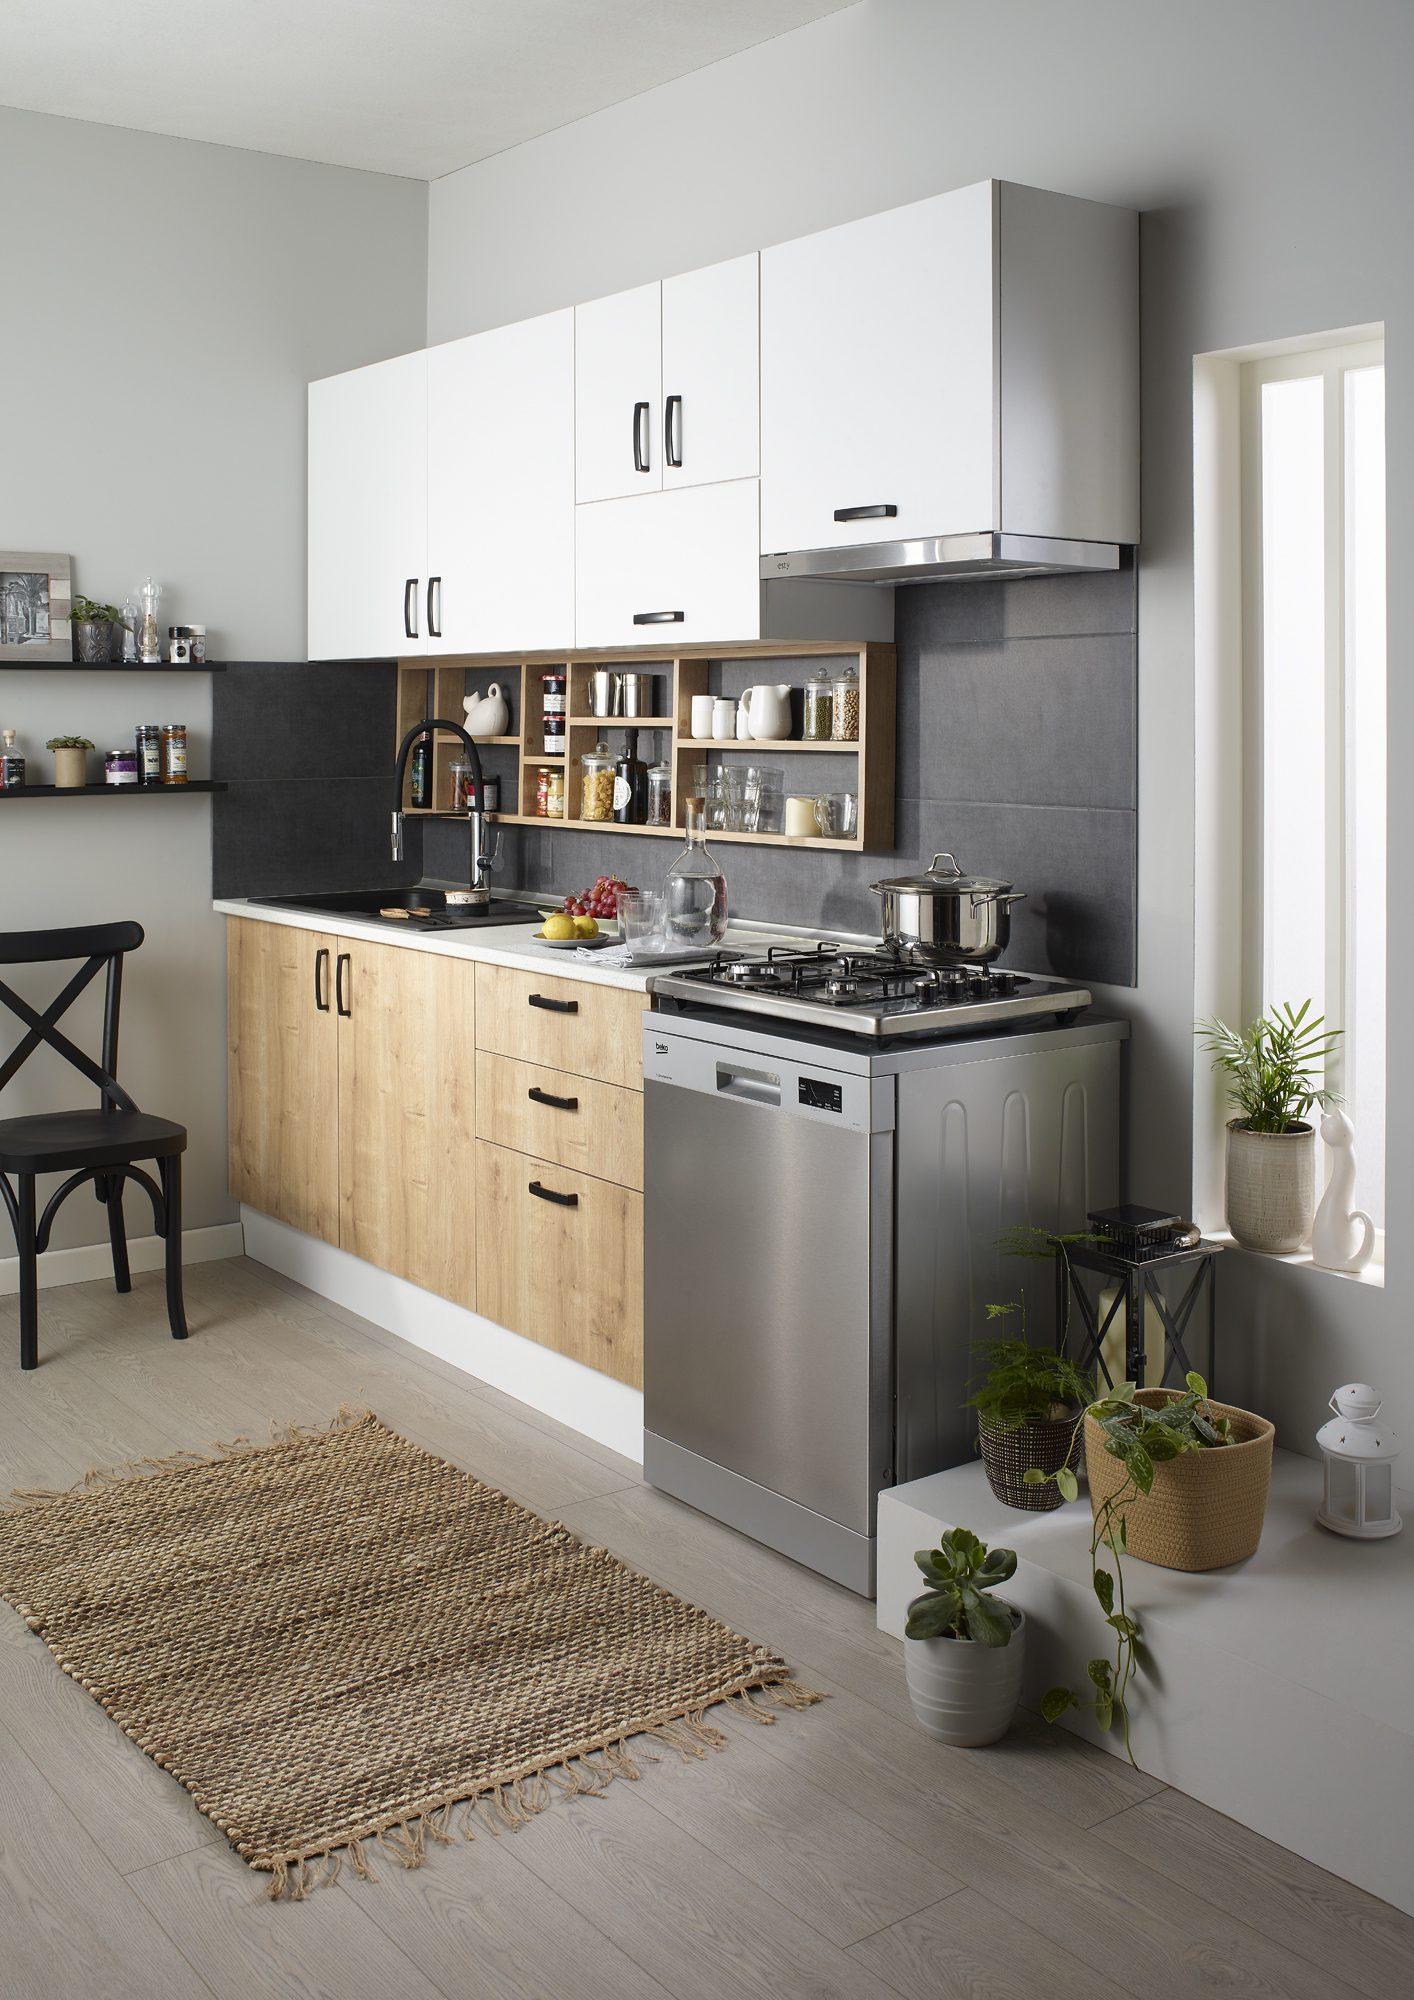 Mutfak fayansları nasıl boyanır?